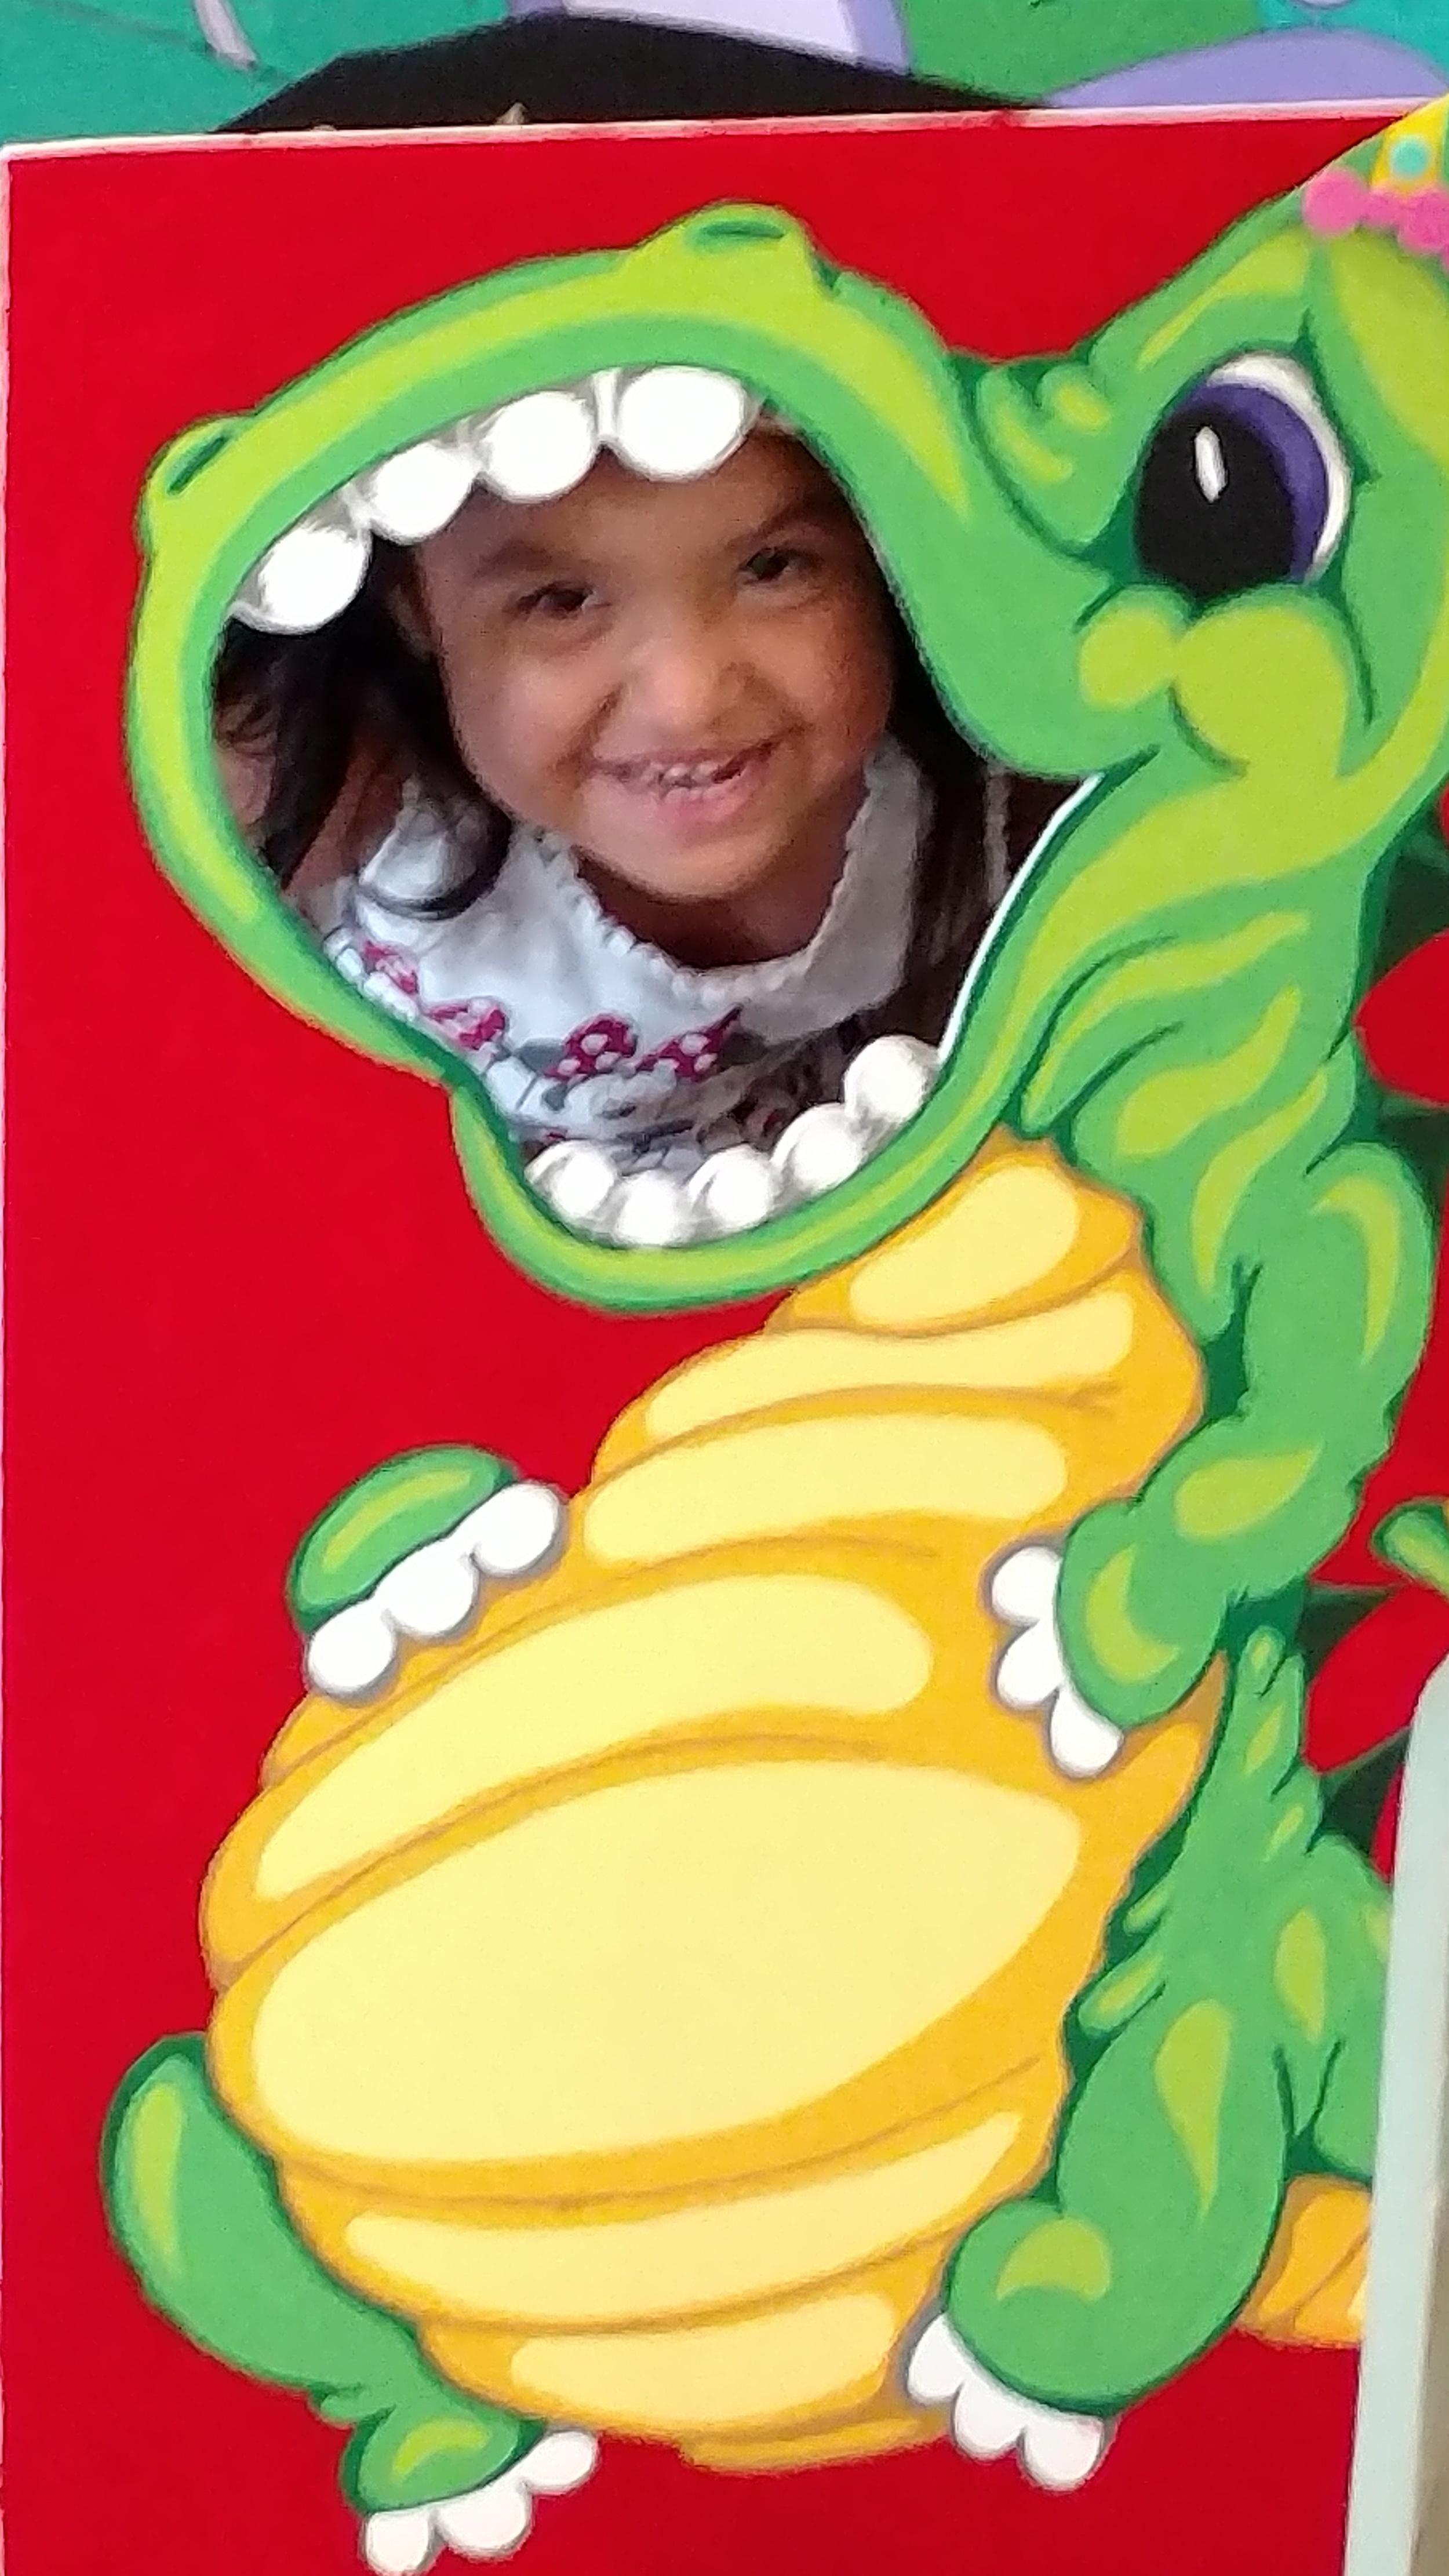 Dino-mite fun at Gulf Shores Pediatrics